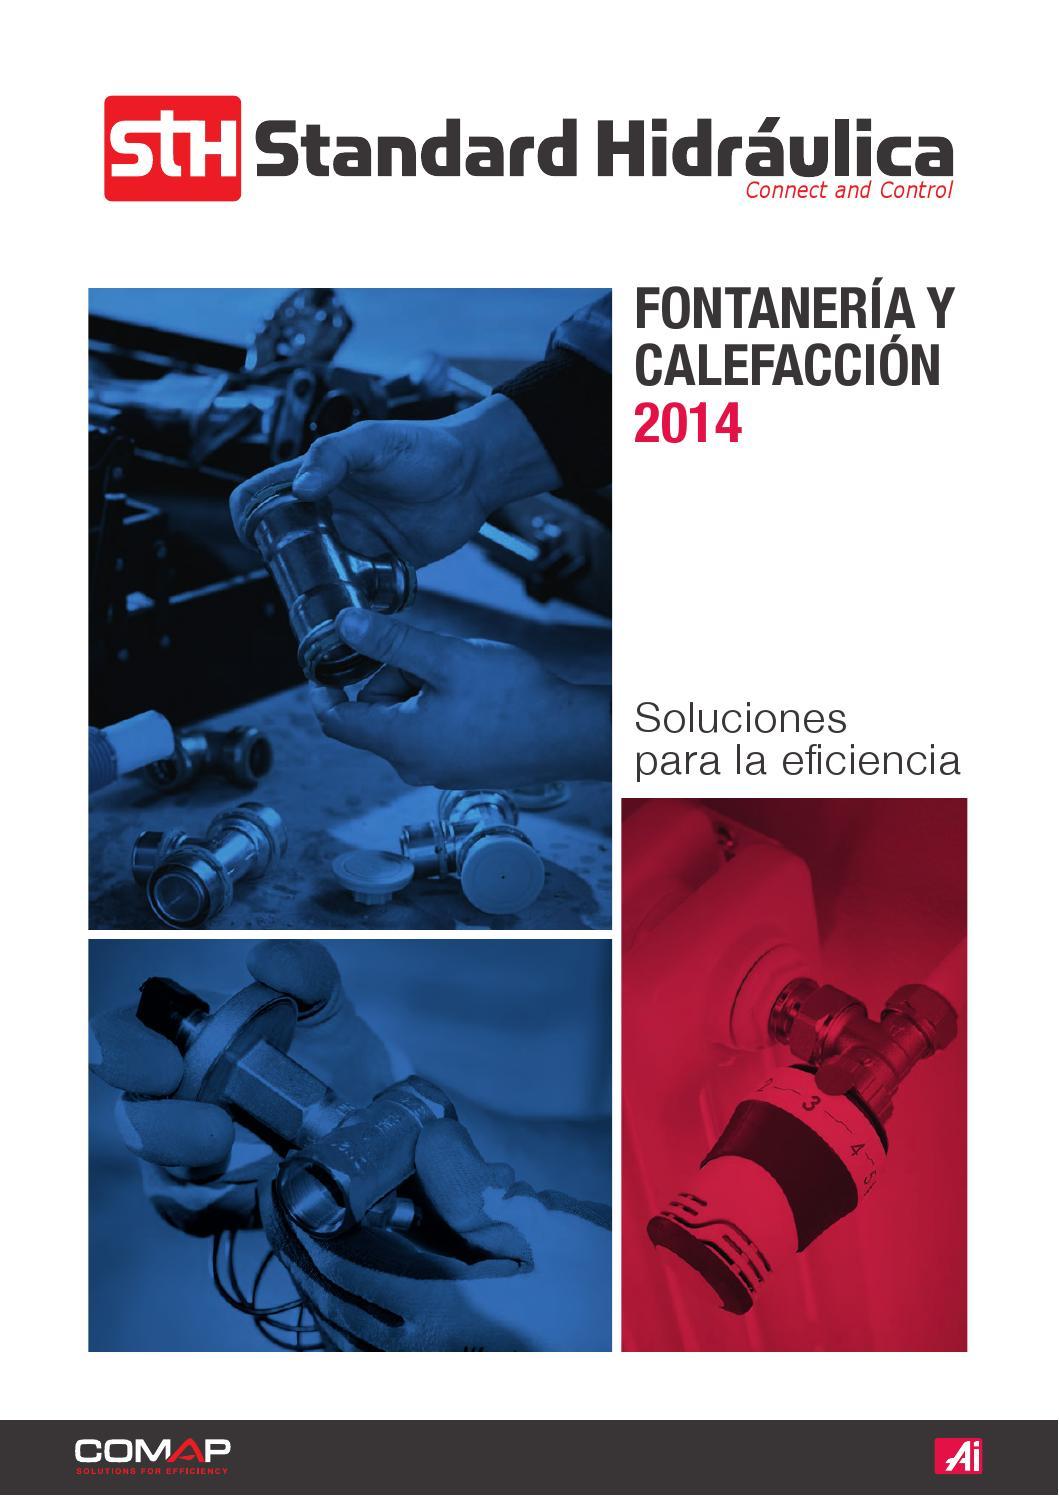 Fontaneria y calefaccion 2014 by Standard Hidraulica / Clever ...